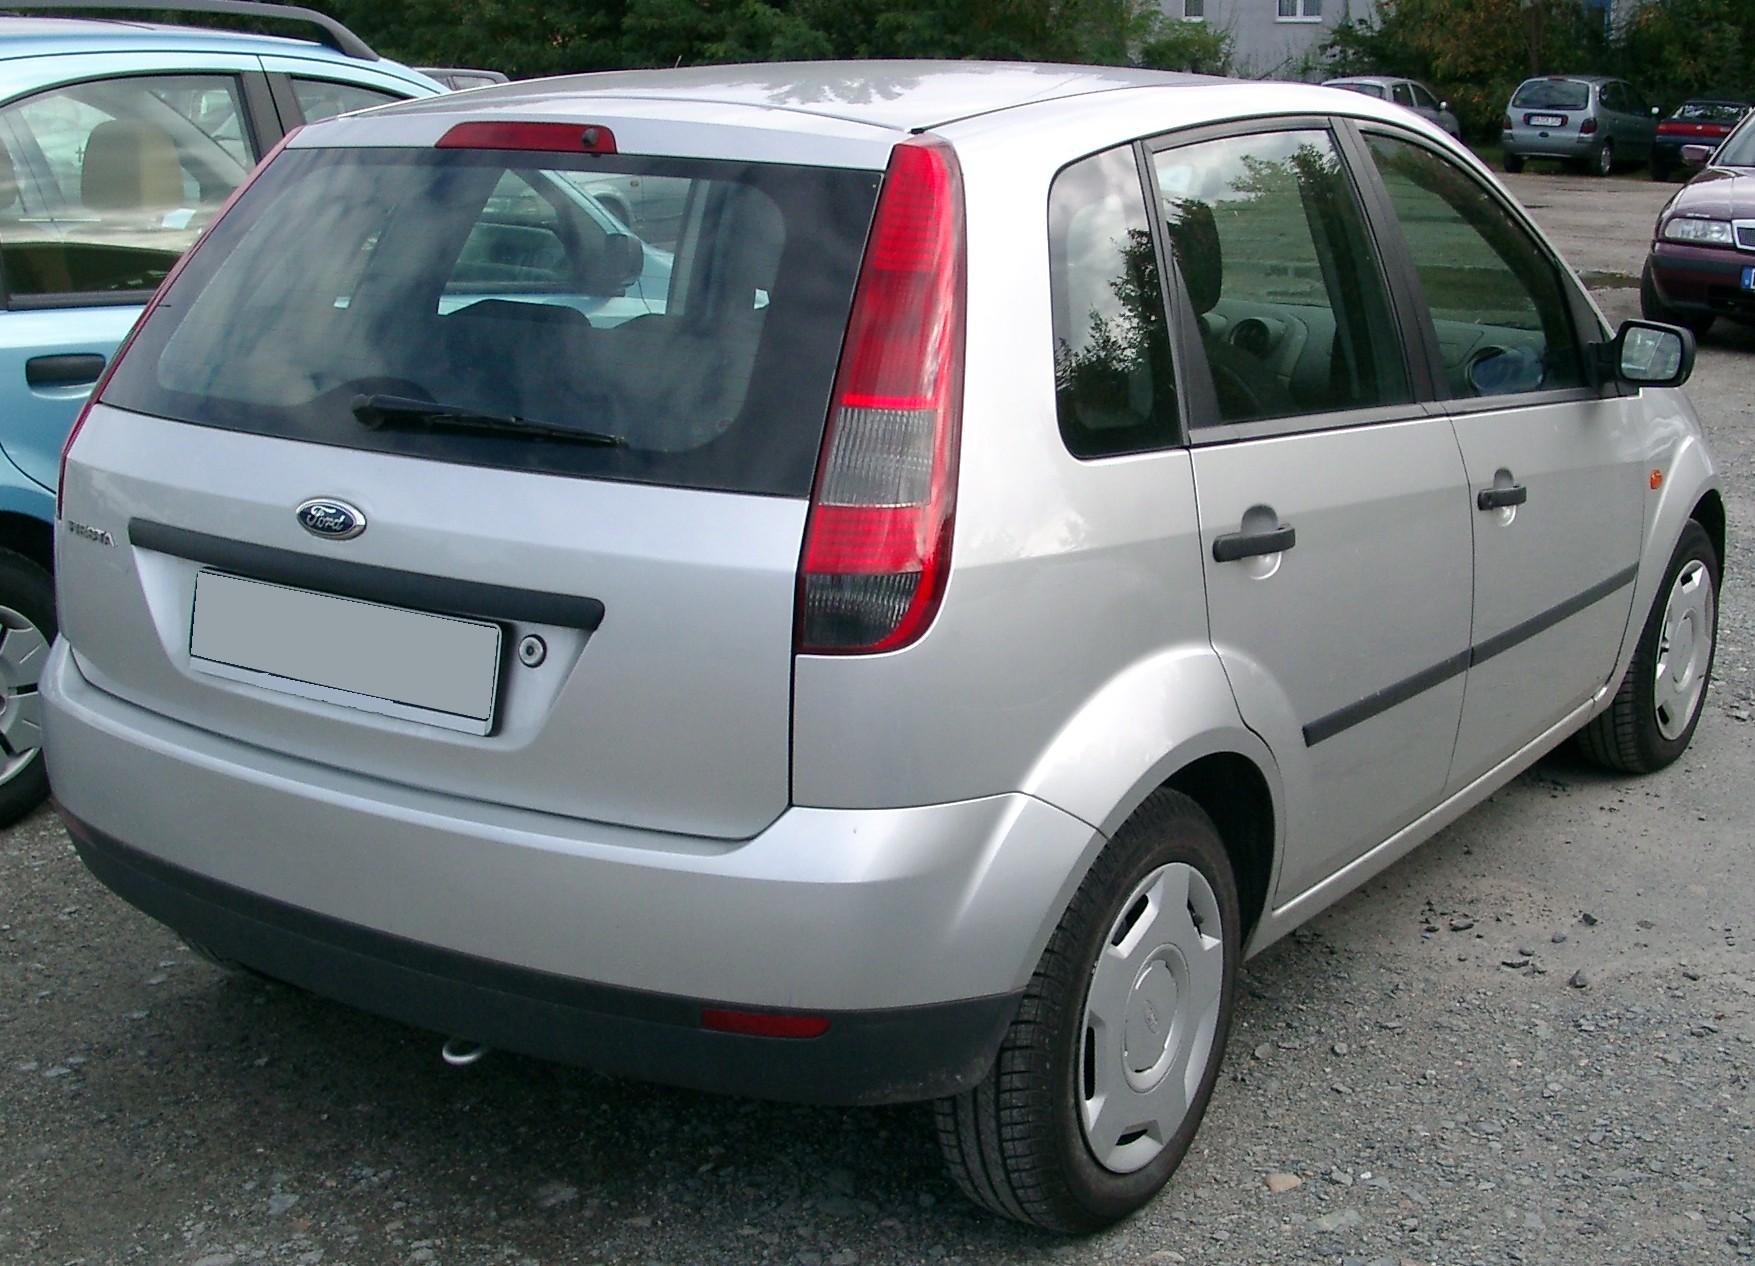 Ford Fiesta 2007 foto - 2